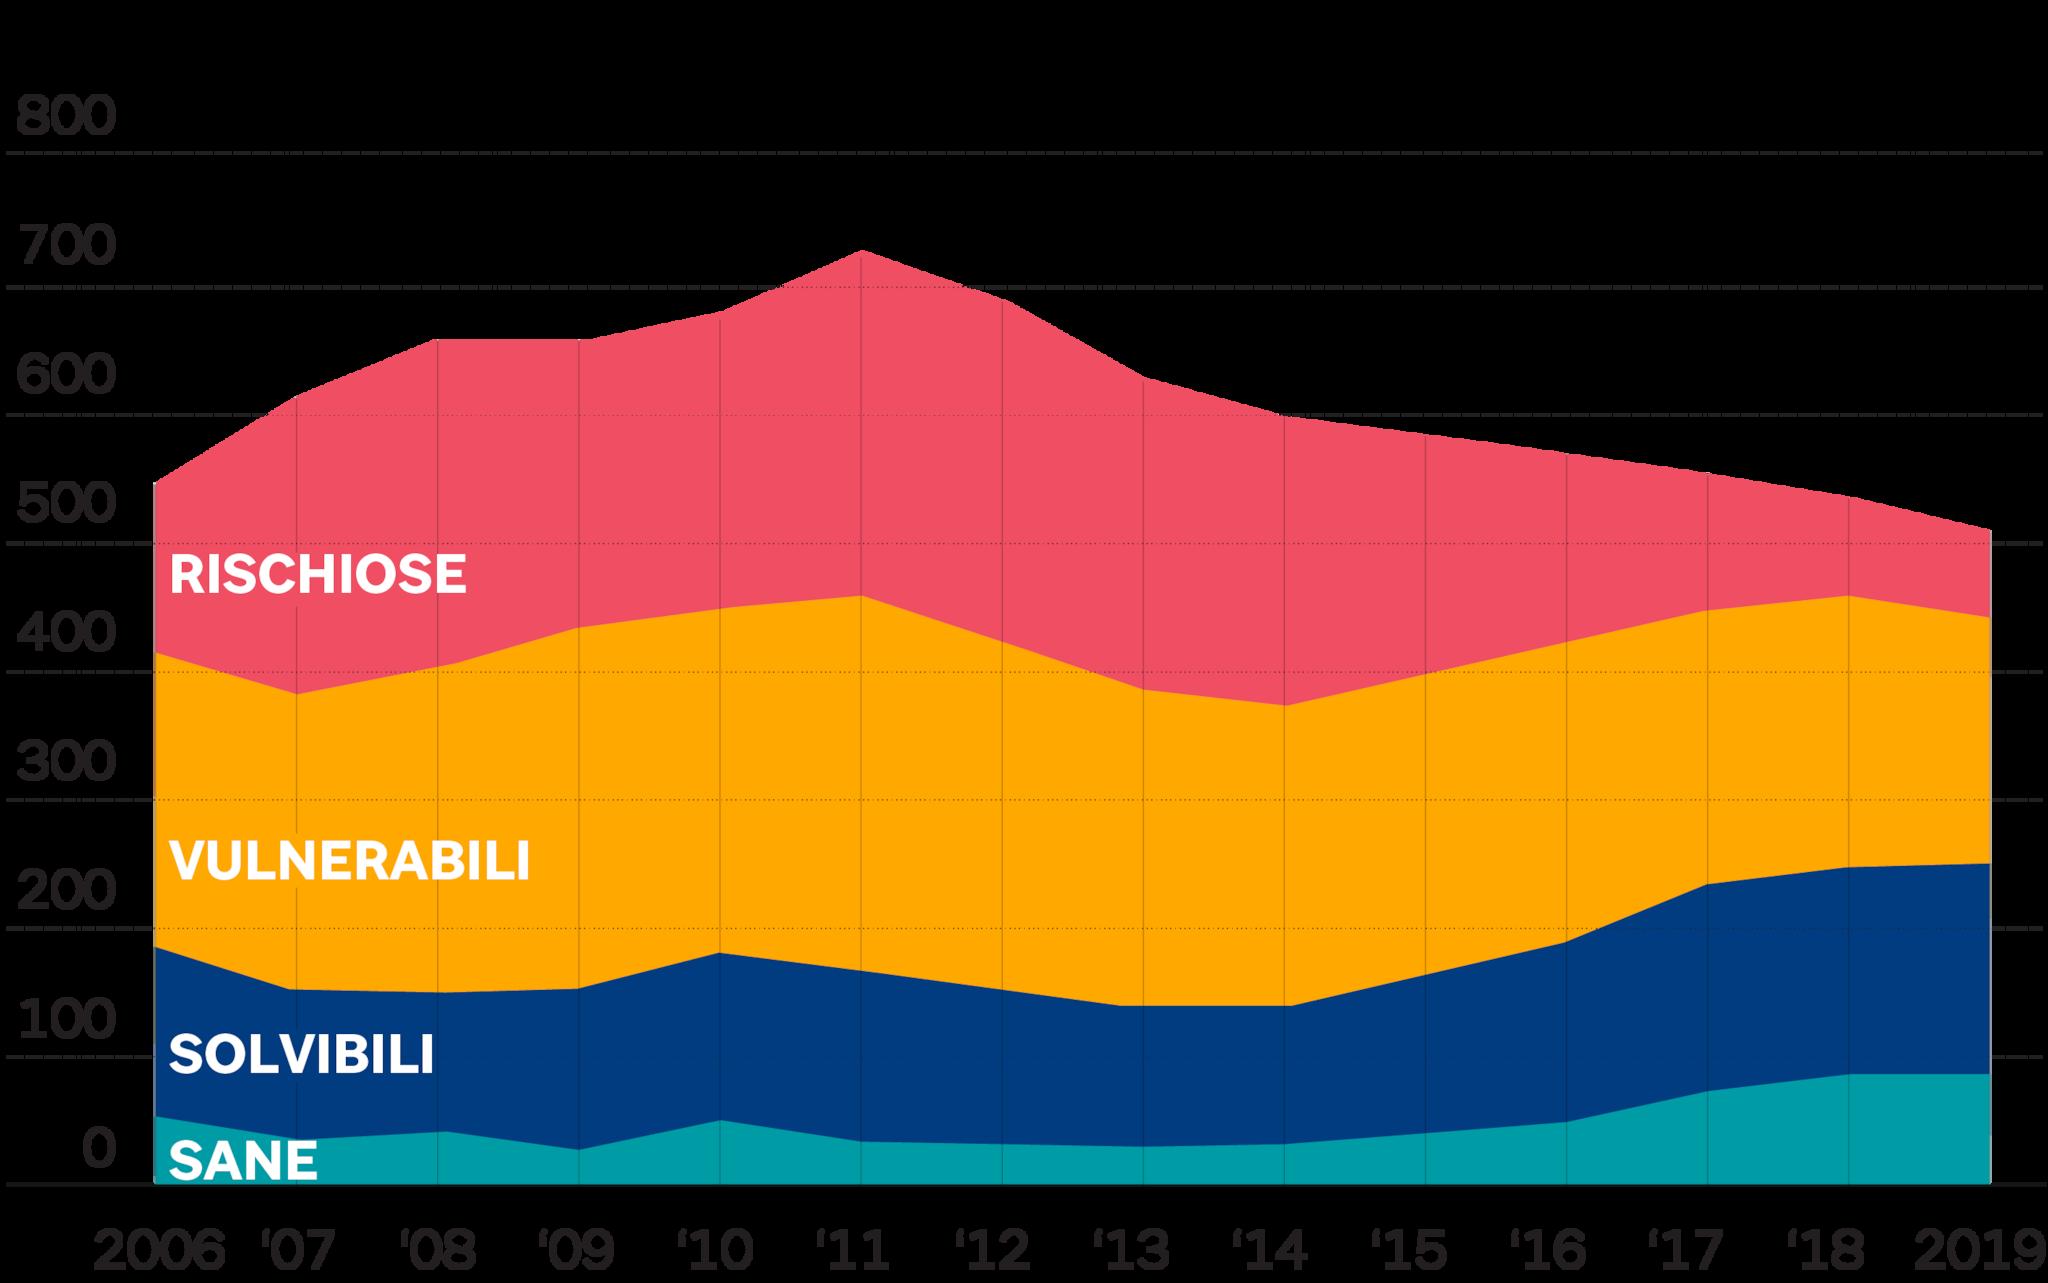 BANCHE ITALIANE - PRESTITI PER CLASSE DI RISCHIO DELLE IMPRESE